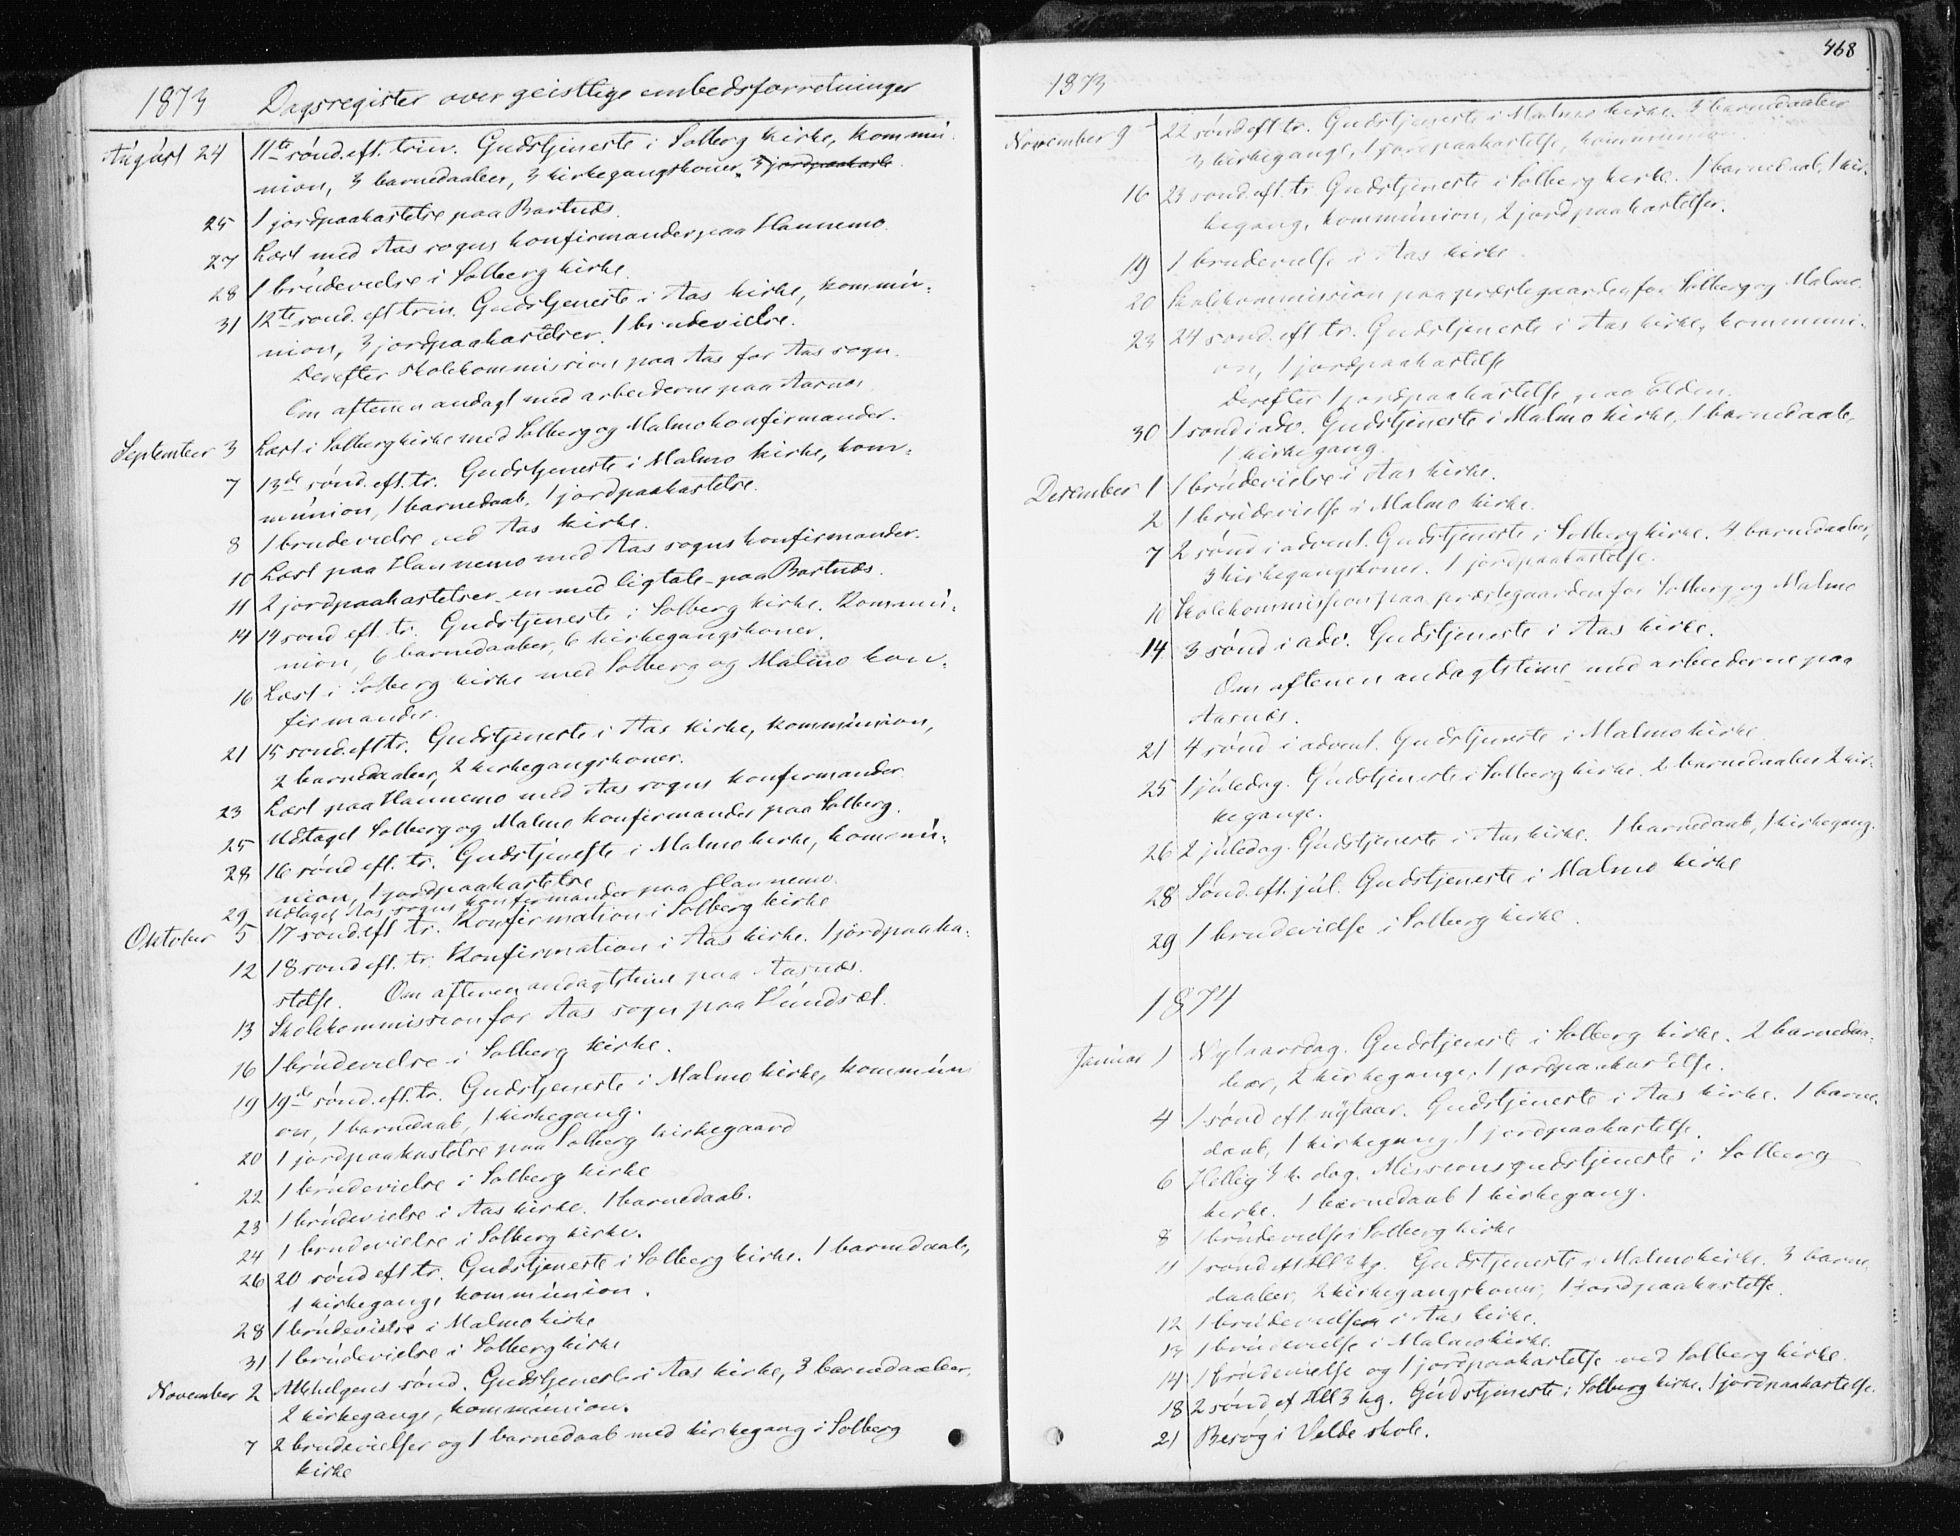 SAT, Ministerialprotokoller, klokkerbøker og fødselsregistre - Nord-Trøndelag, 741/L0394: Ministerialbok nr. 741A08, 1864-1877, s. 468